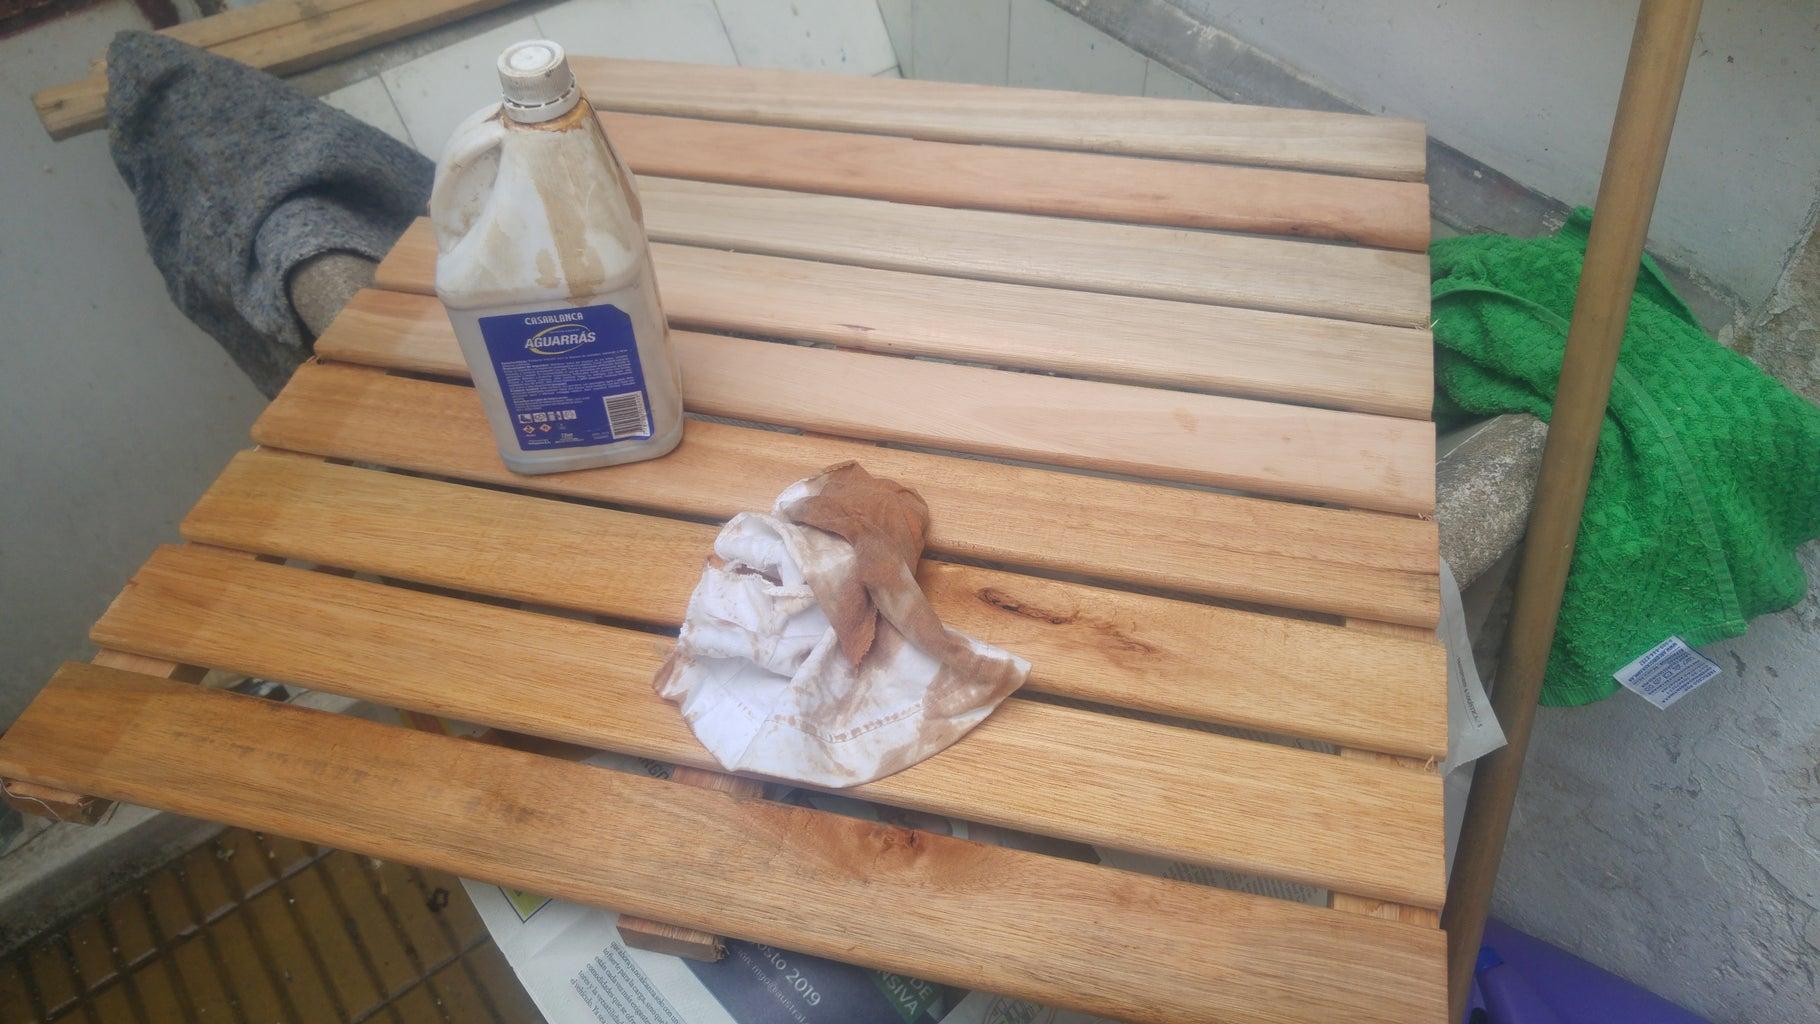 Preparando El Deck